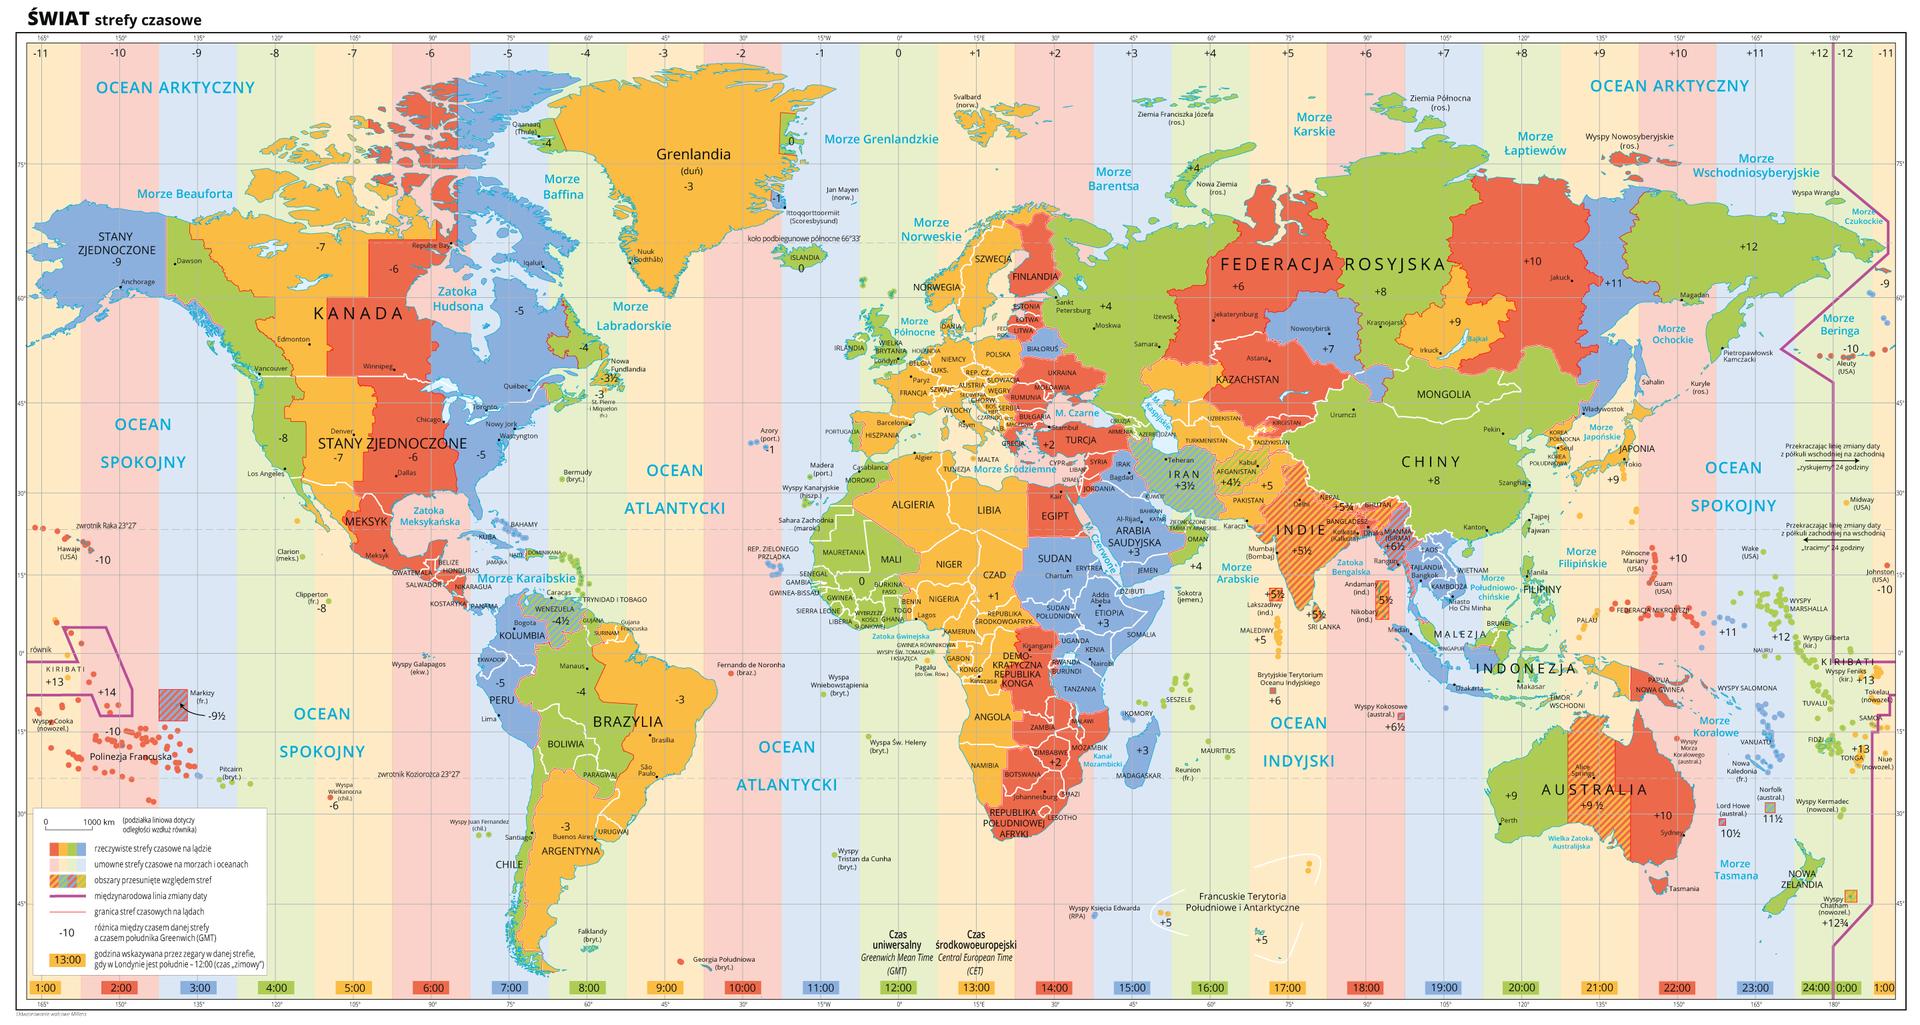 Strefy czasowe naświecie, Źródło Wydawnictwo Edukacyjne Wiking, licencja CC BY3.0.